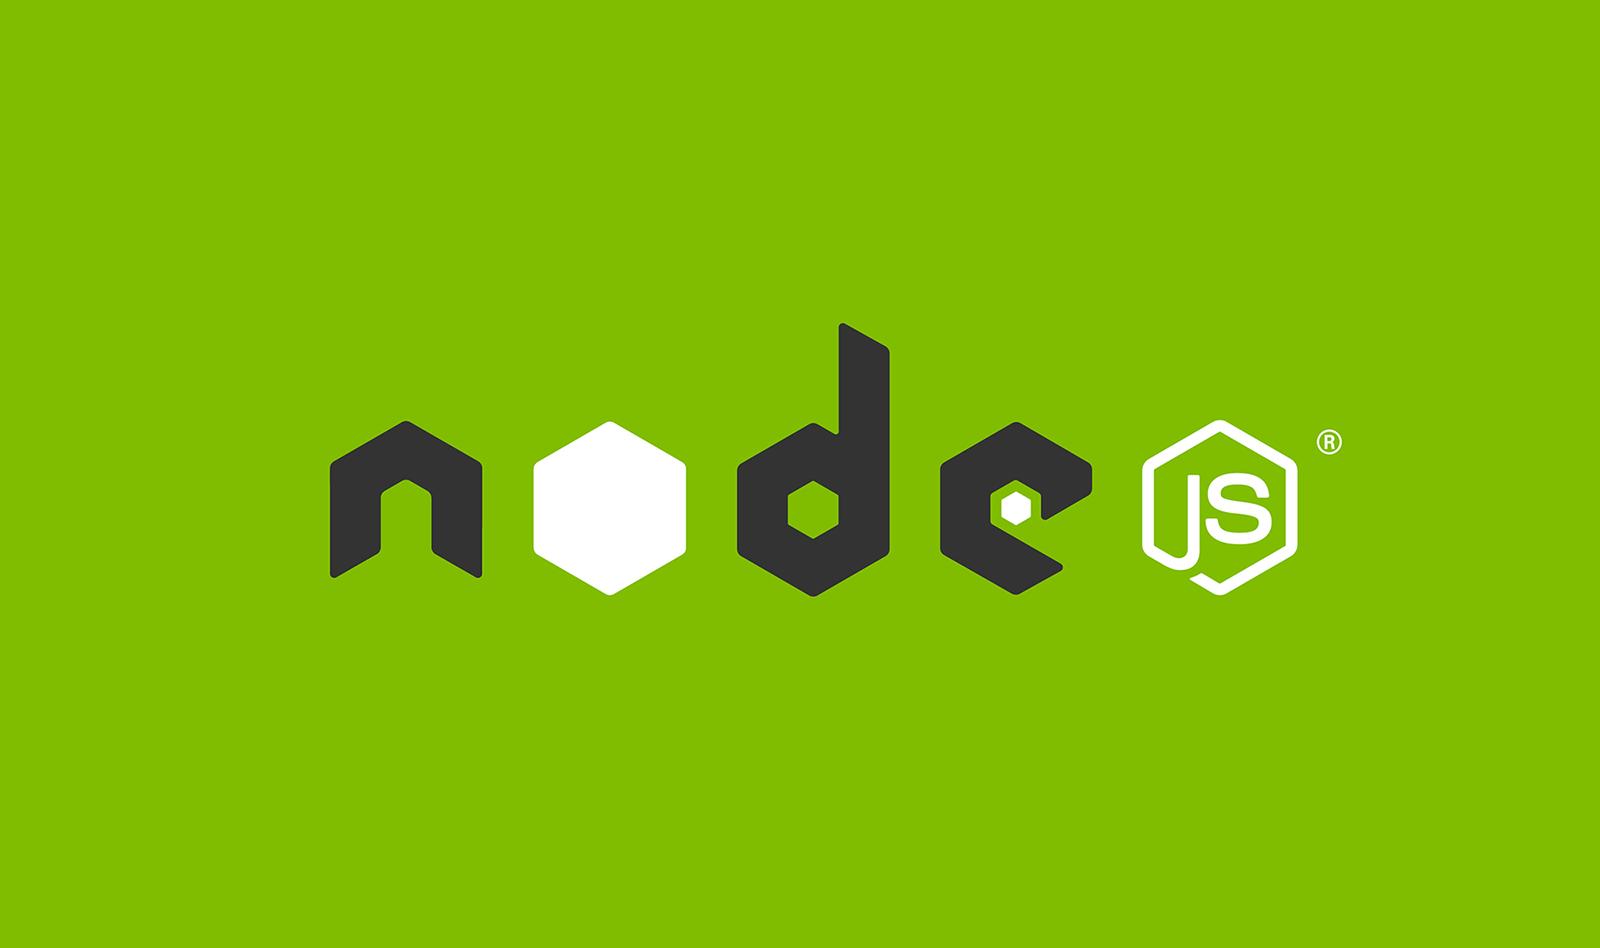 https://i.ibb.co/q5VVx07/nodejs-frameworks.png